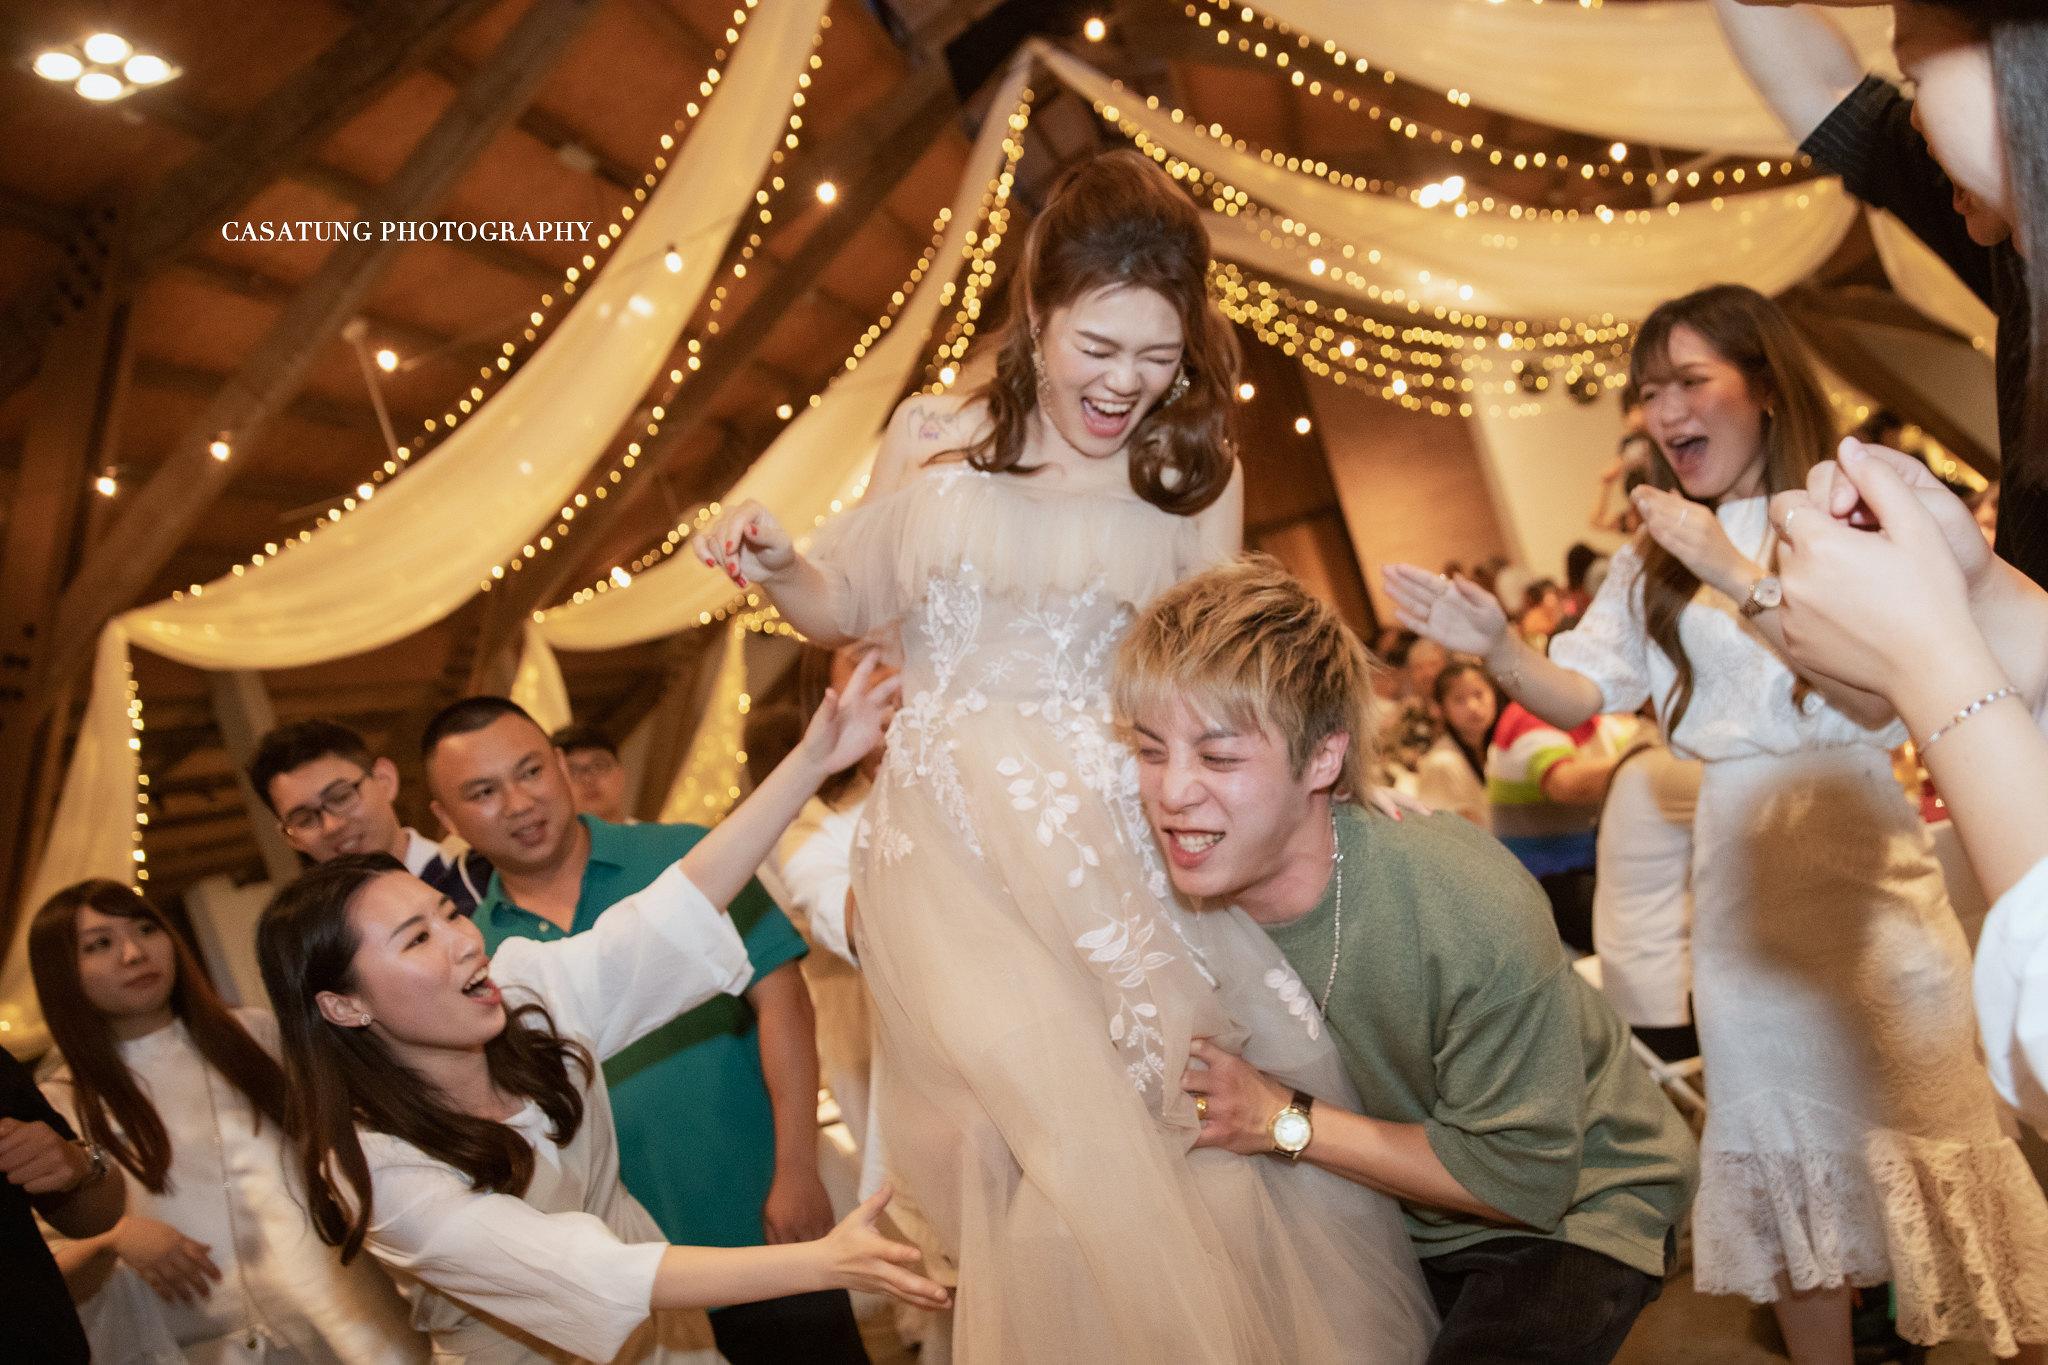 顏氏牧場婚禮,台中婚攝casa,旋轉木馬-132